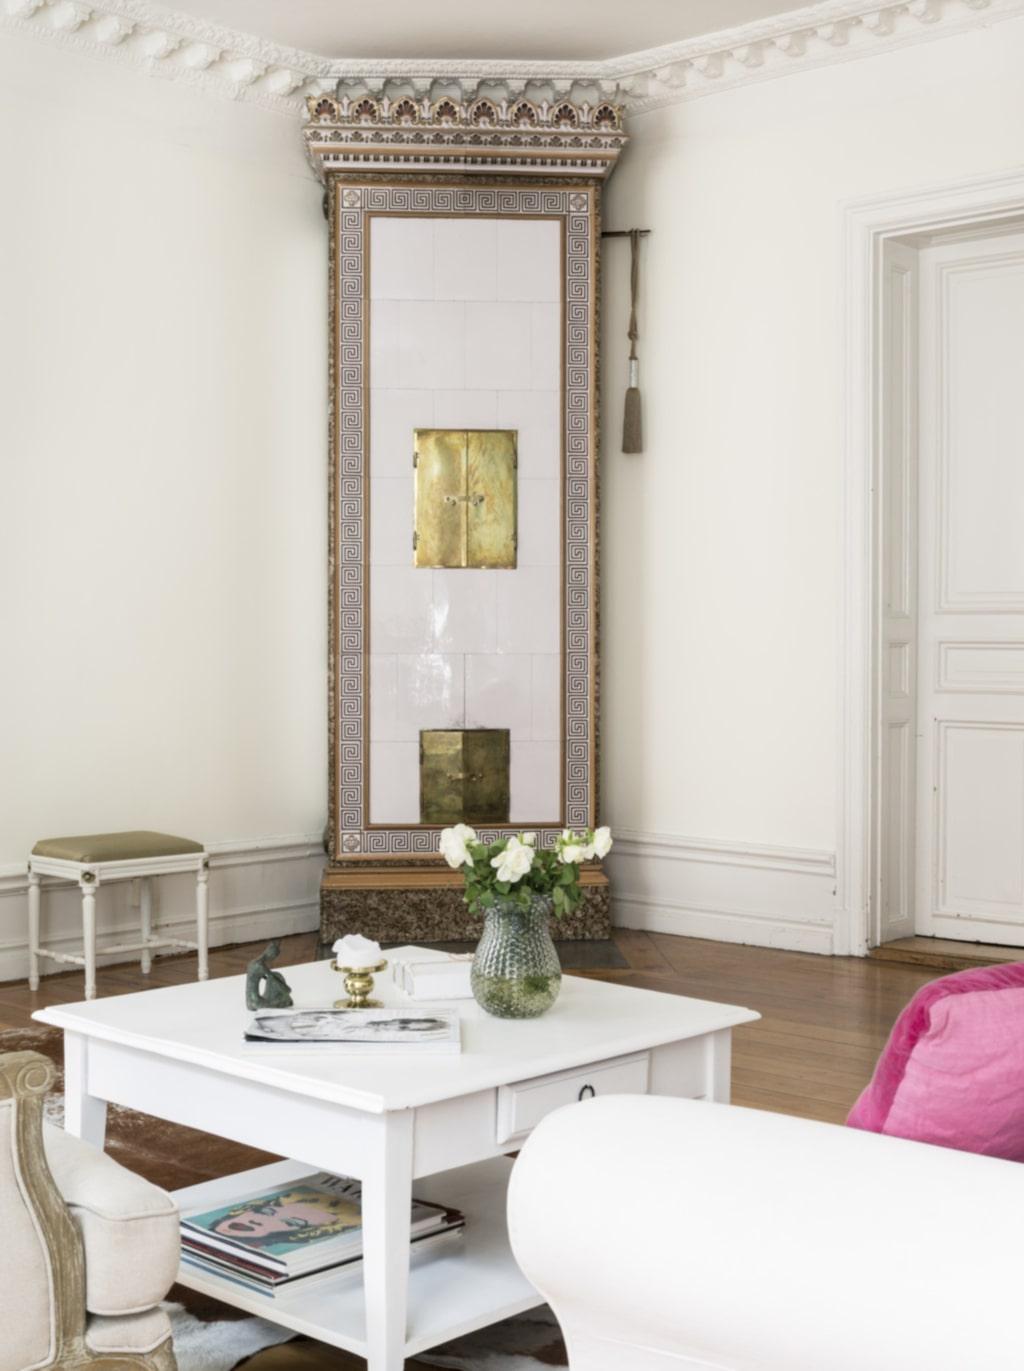 Värmer skönt. I vardagsrummet står en pampig kakelugn som är fullt fungerande och en härlig värmekälla kyliga dagar och kvällar.